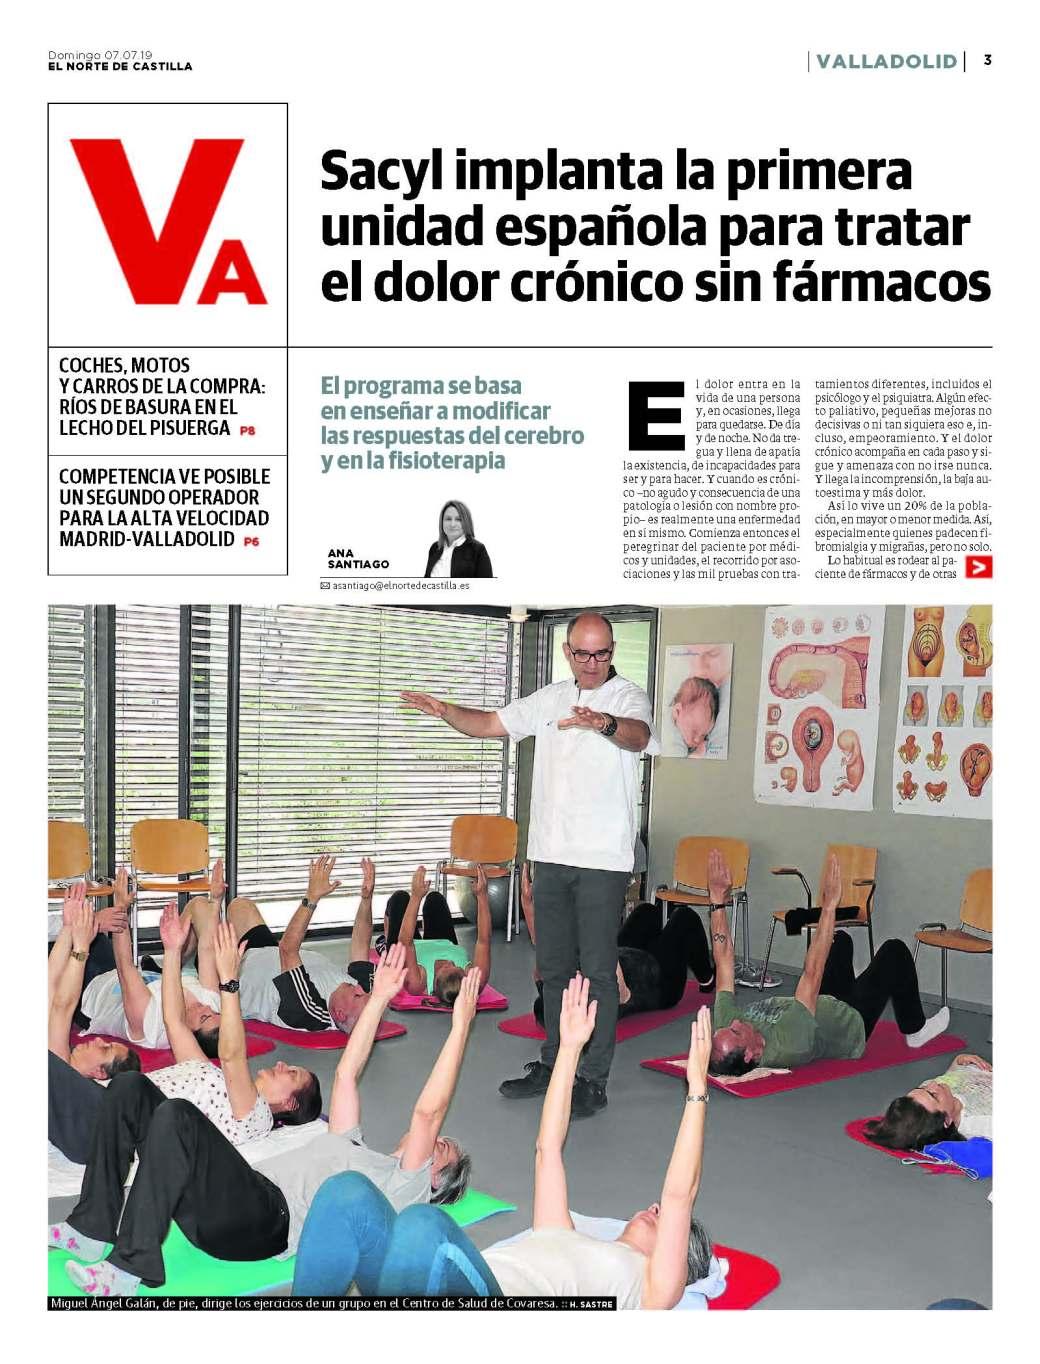 2019-07-08 fisio pacientes EL NORTE_Página_1